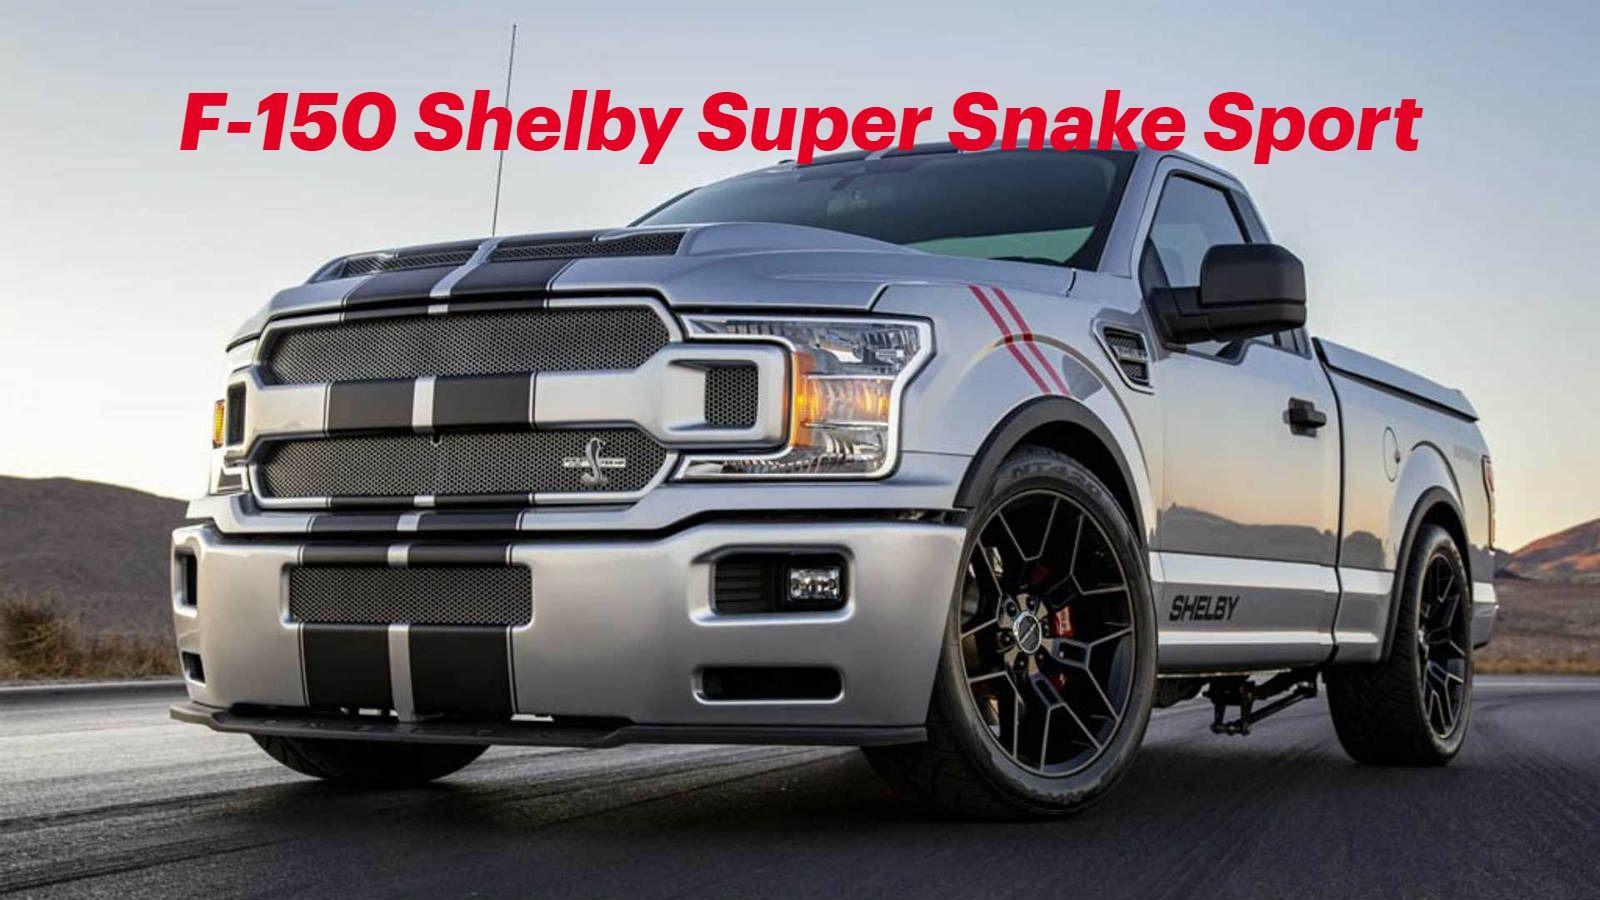 Shelby F 150 Super Snake Sport 770 Horsepower In 2020 Super